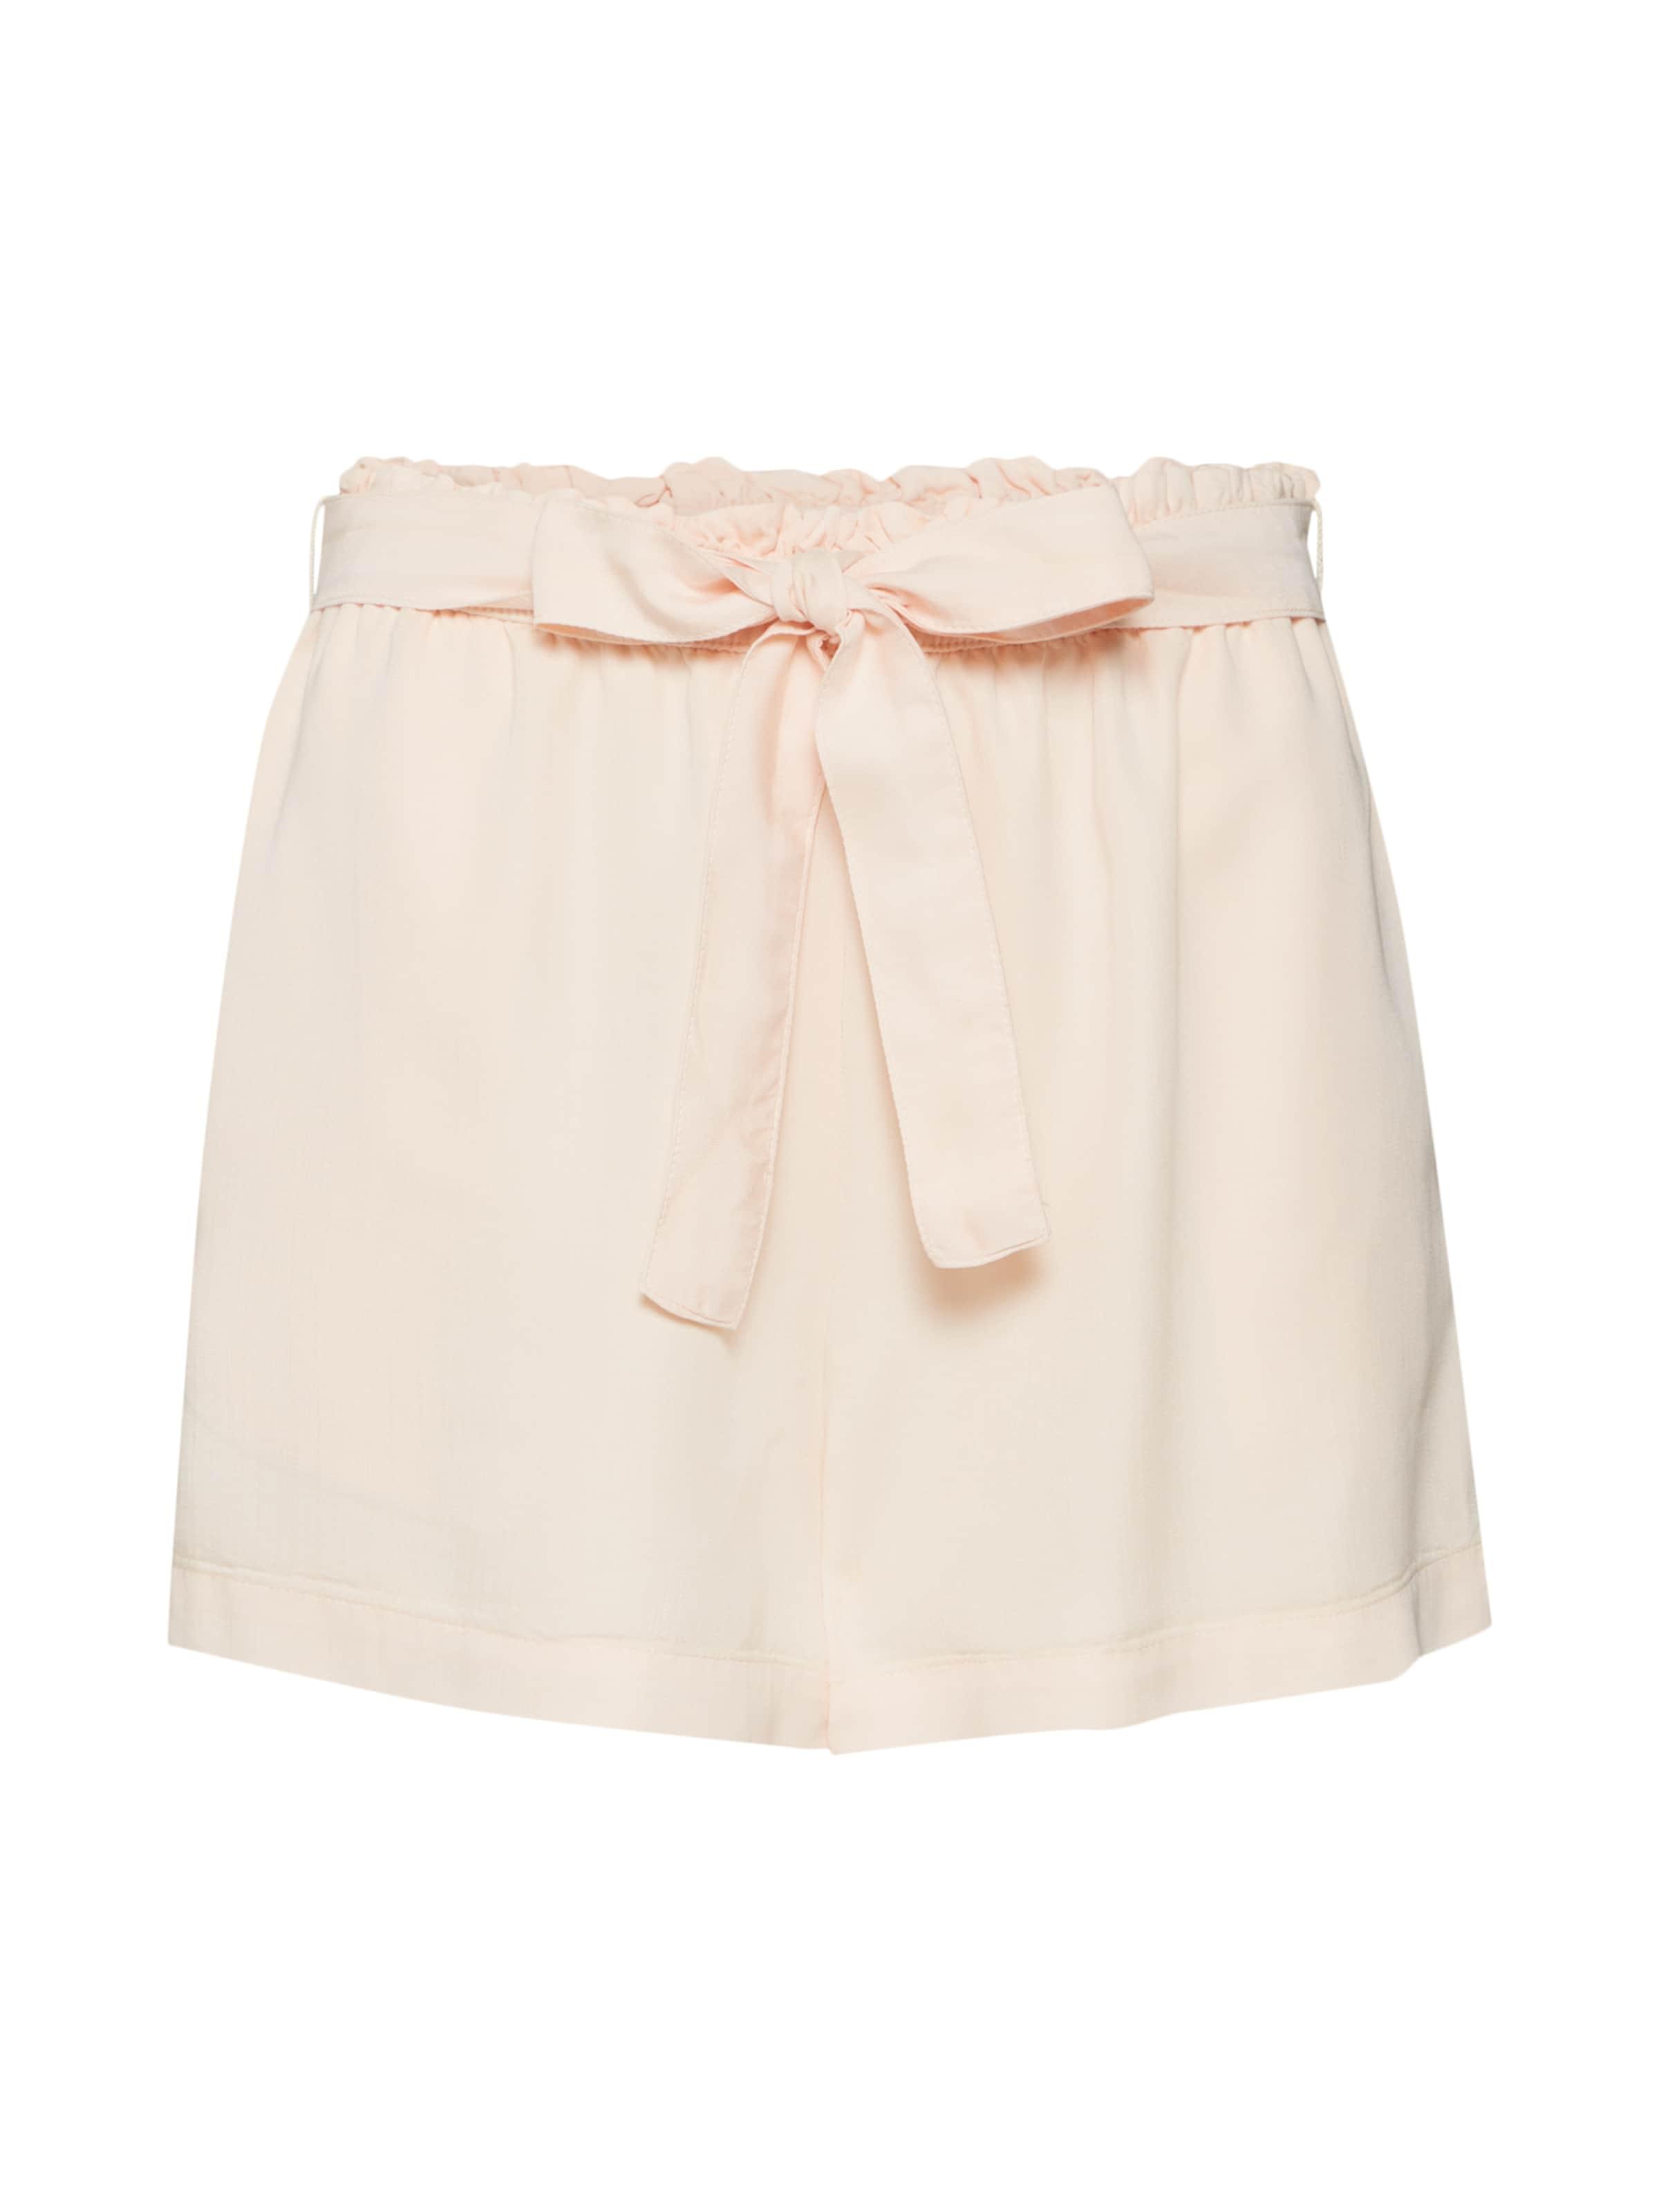 Rose Review En Pantalon En Pantalon Review En Review Pantalon Rose Rose b6IYyfgv7